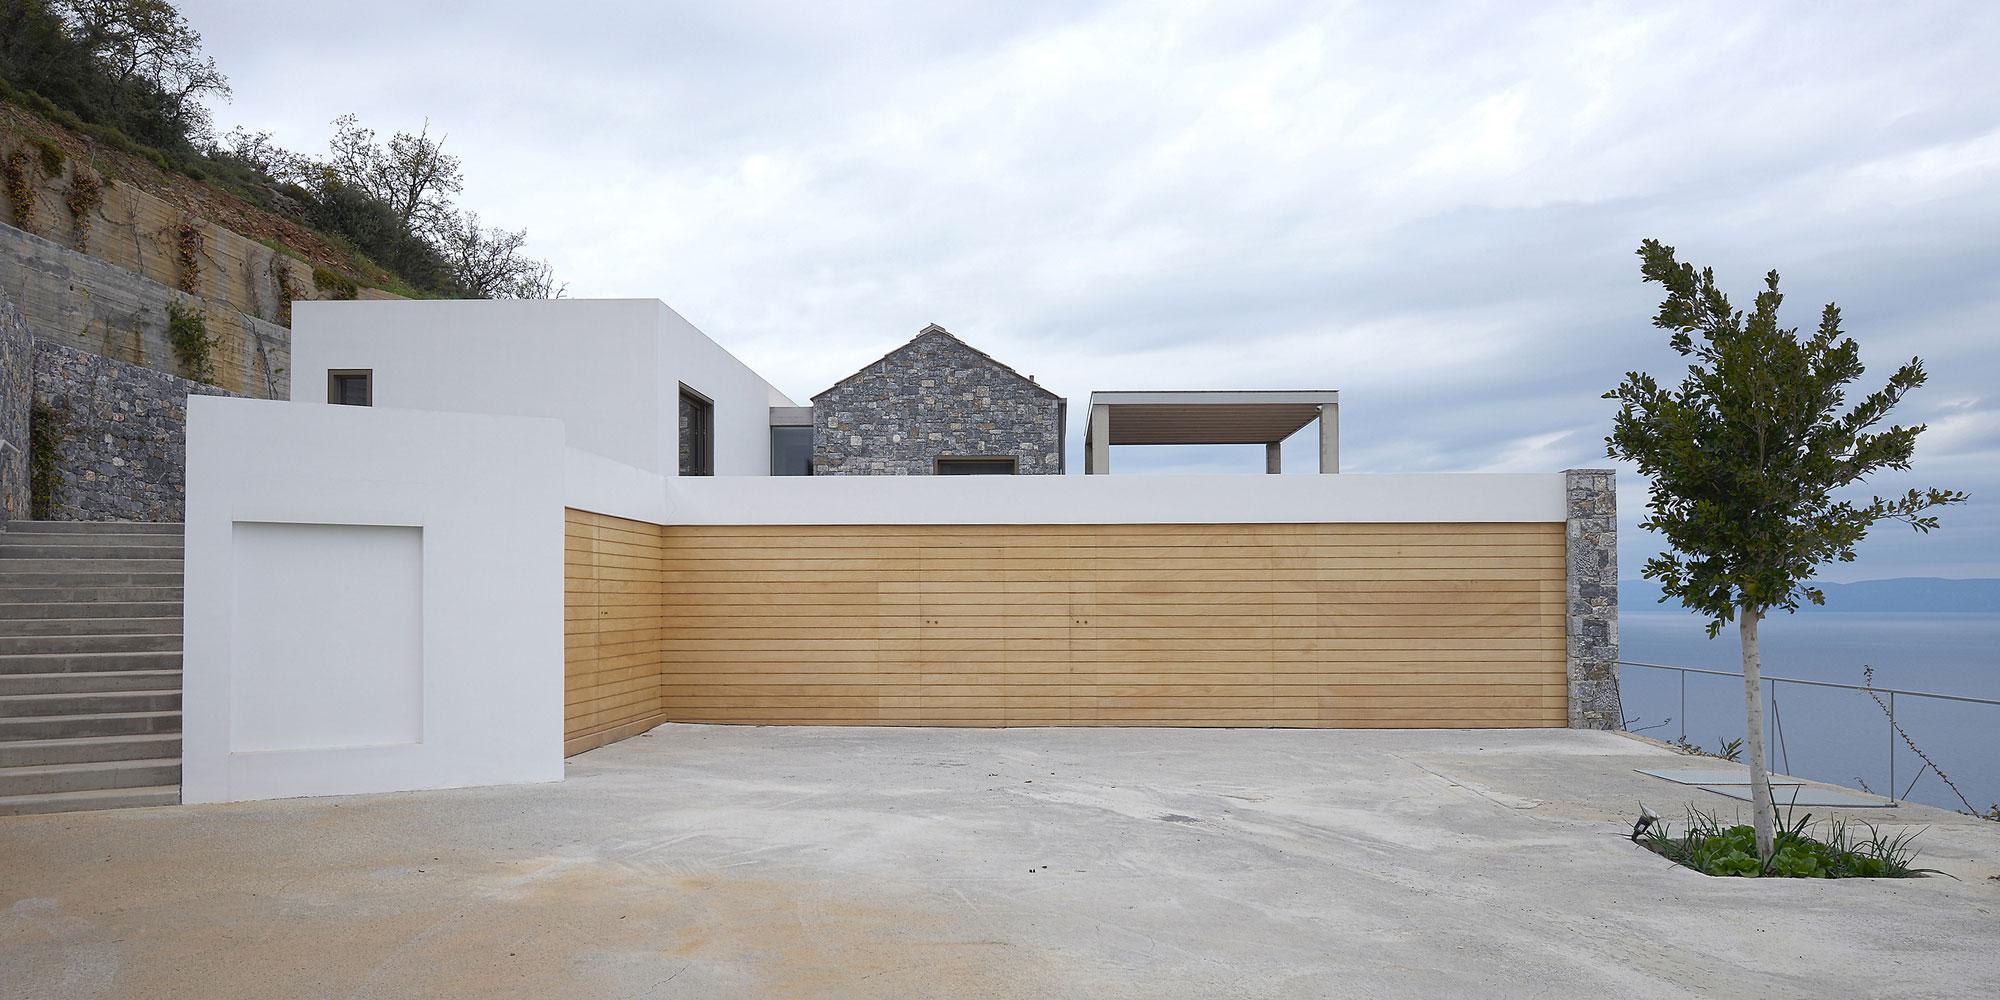 Melana Residence by Valia Foufa & Panagiotis Papassotiriou-02